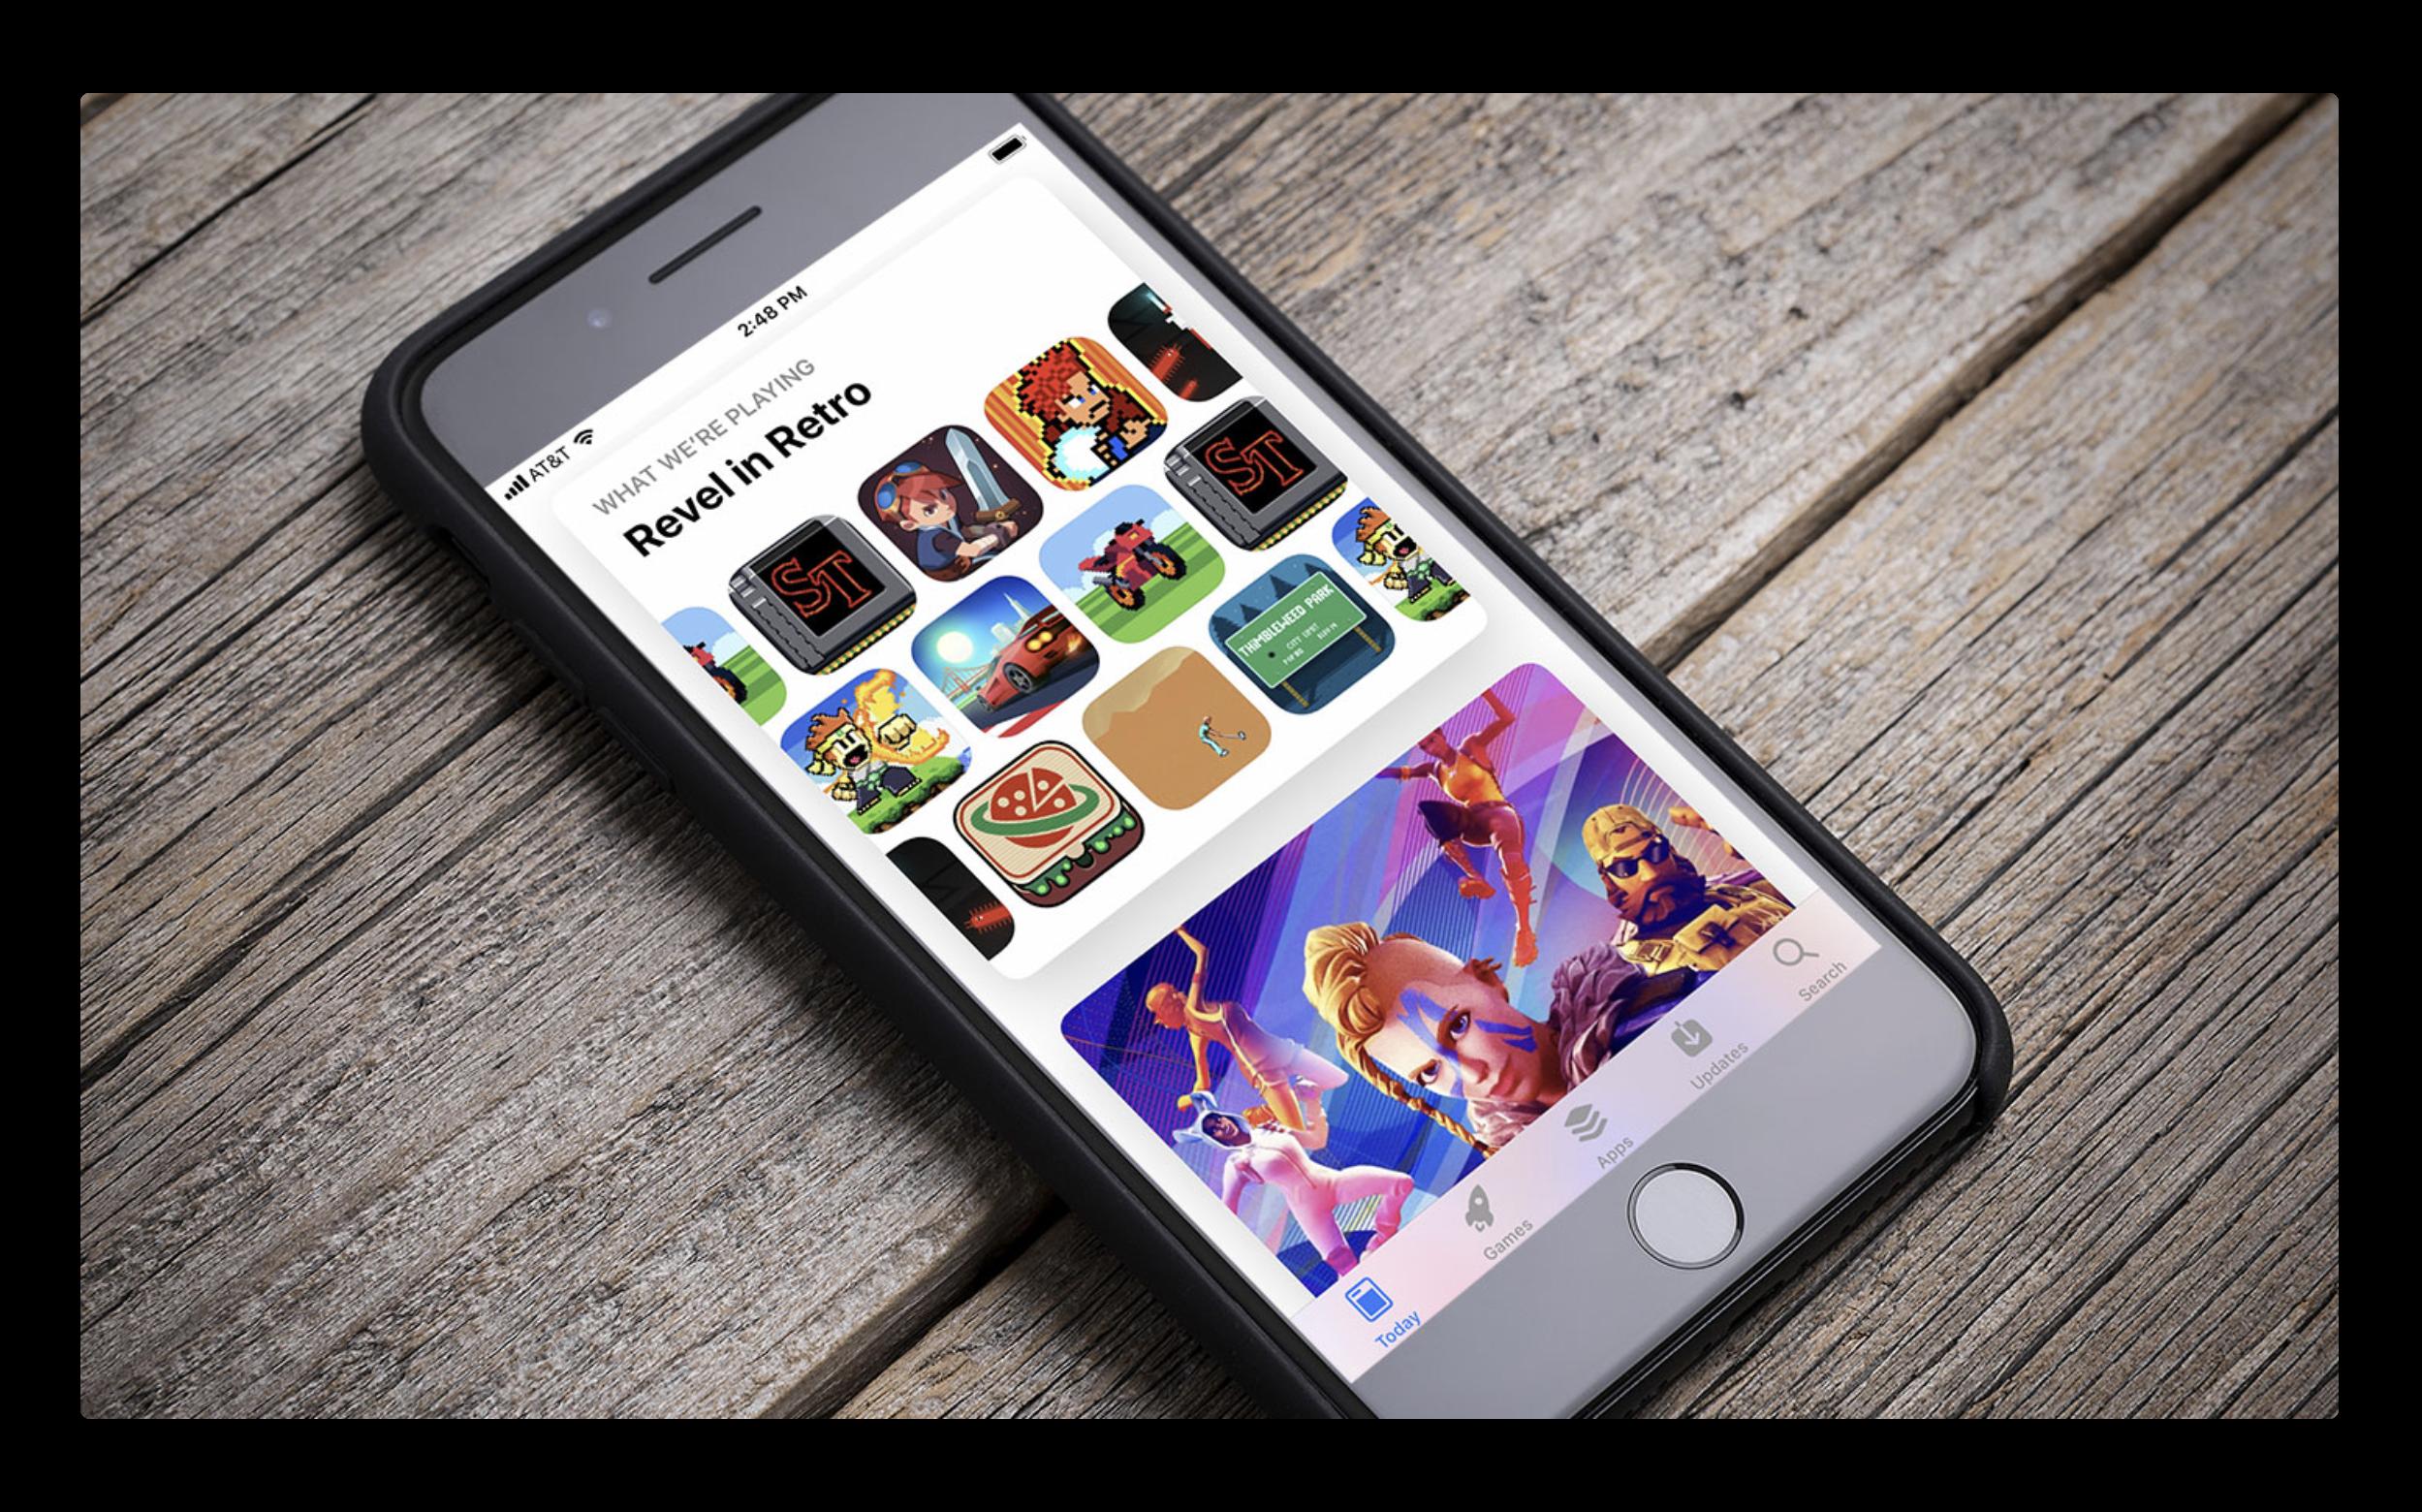 Apple、App Storeの売上予測は2023年までには2倍の960億ドルに達すると予測される